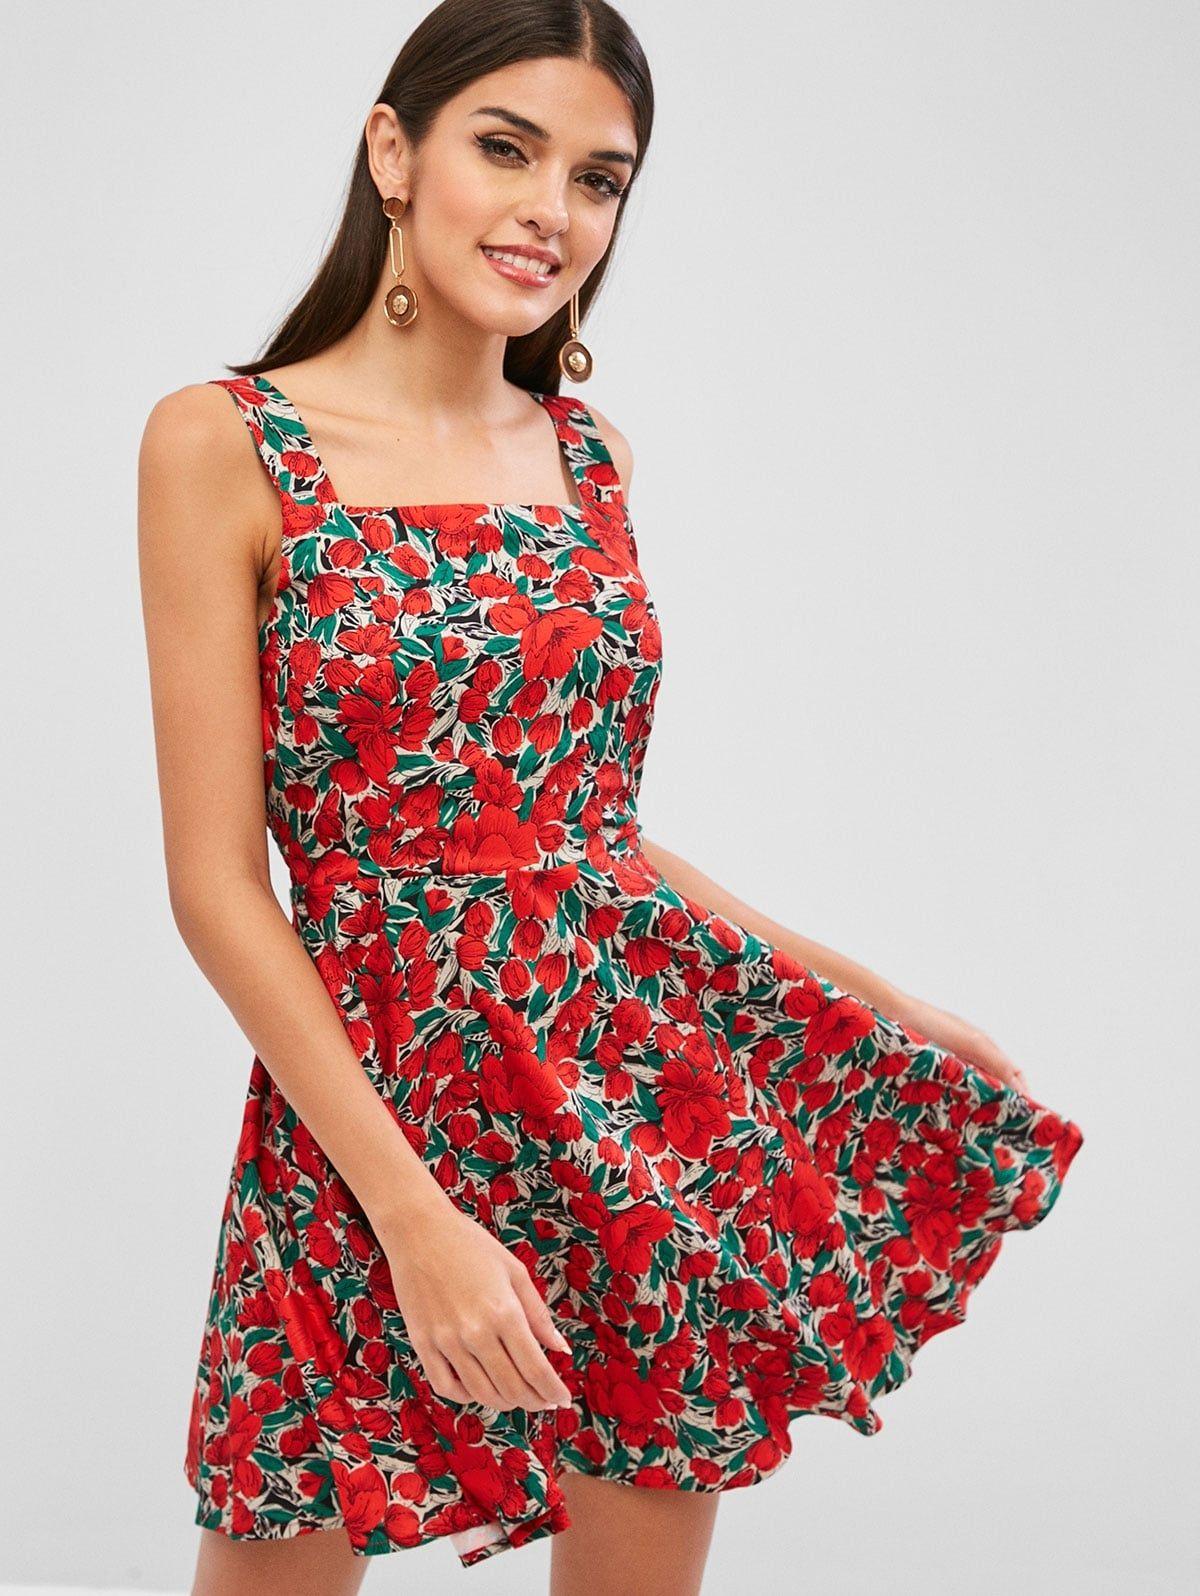 Floral Smock A Line Mini Dress Red Ad Line Smock Floral Red Dress Ad Print Dress Women Dresses Classy Red Mini Dress [ 1596 x 1200 Pixel ]